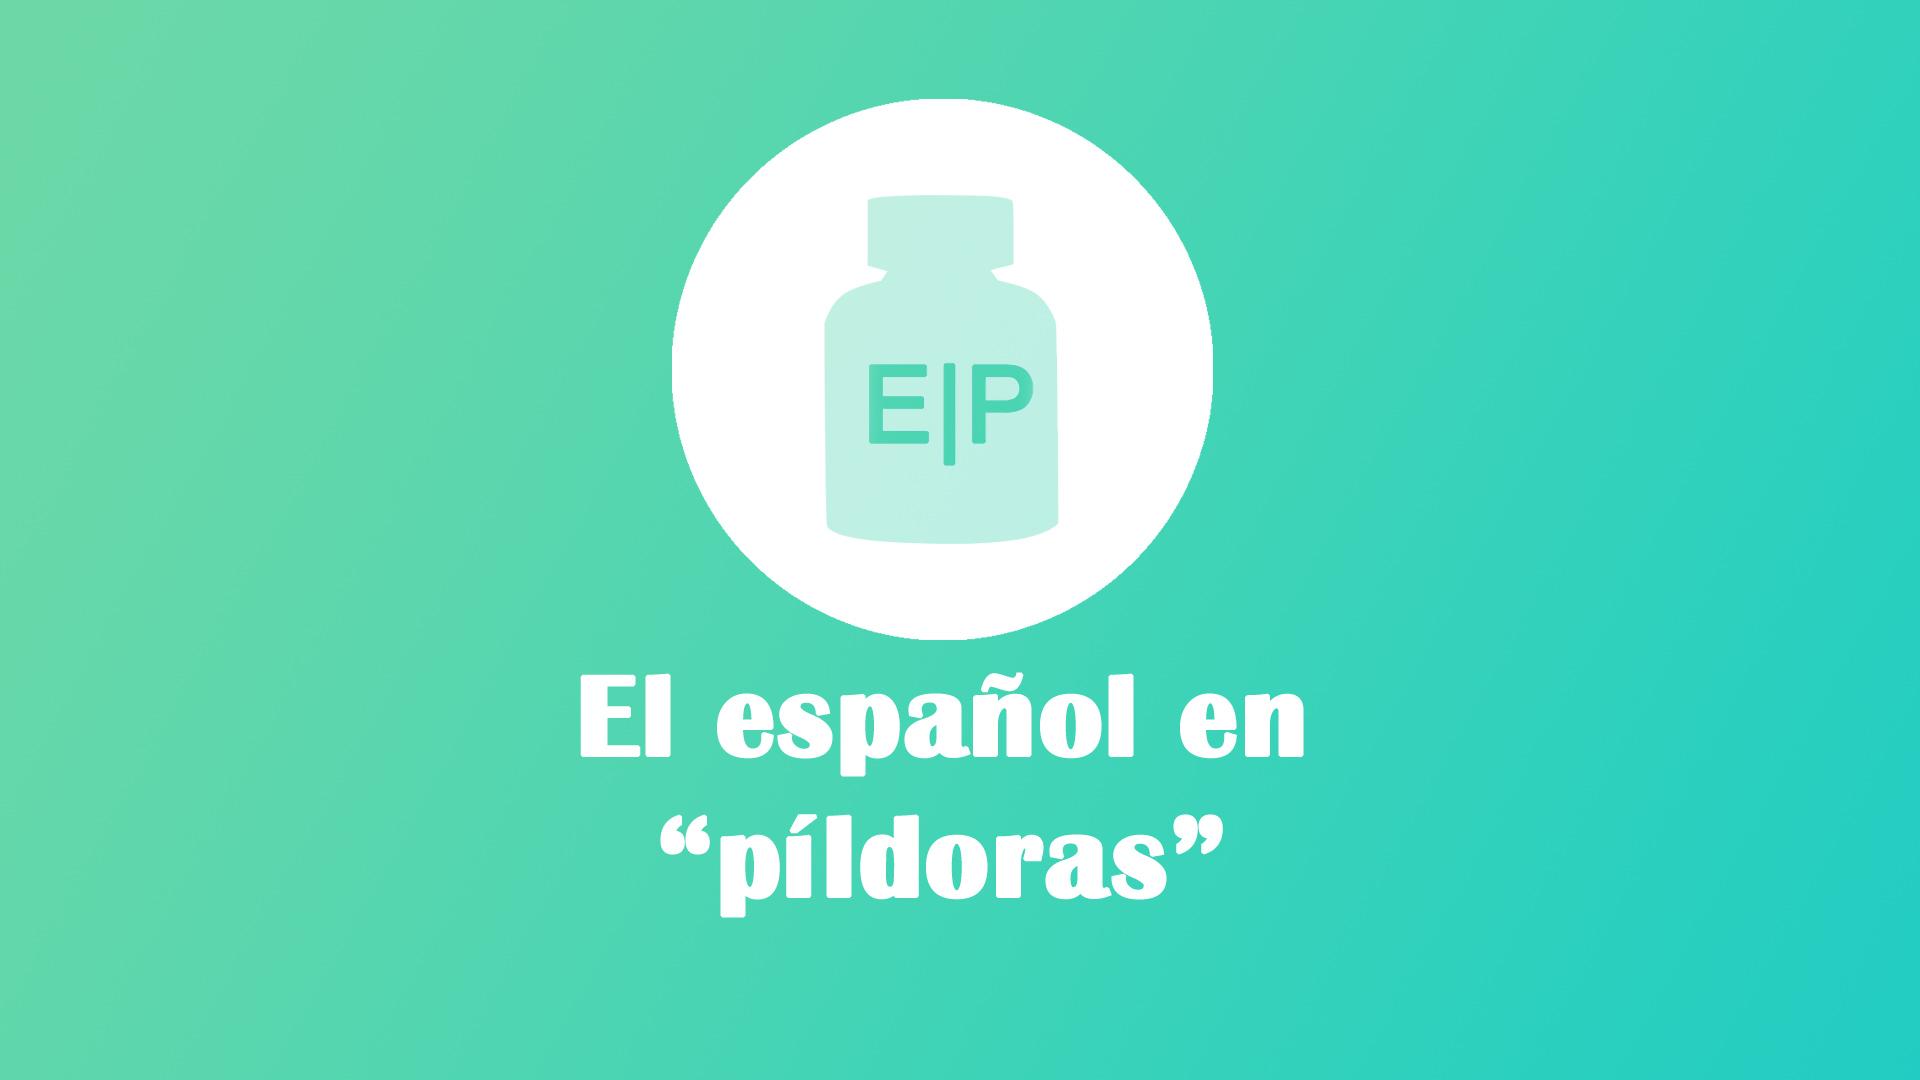 Espanol pildoras